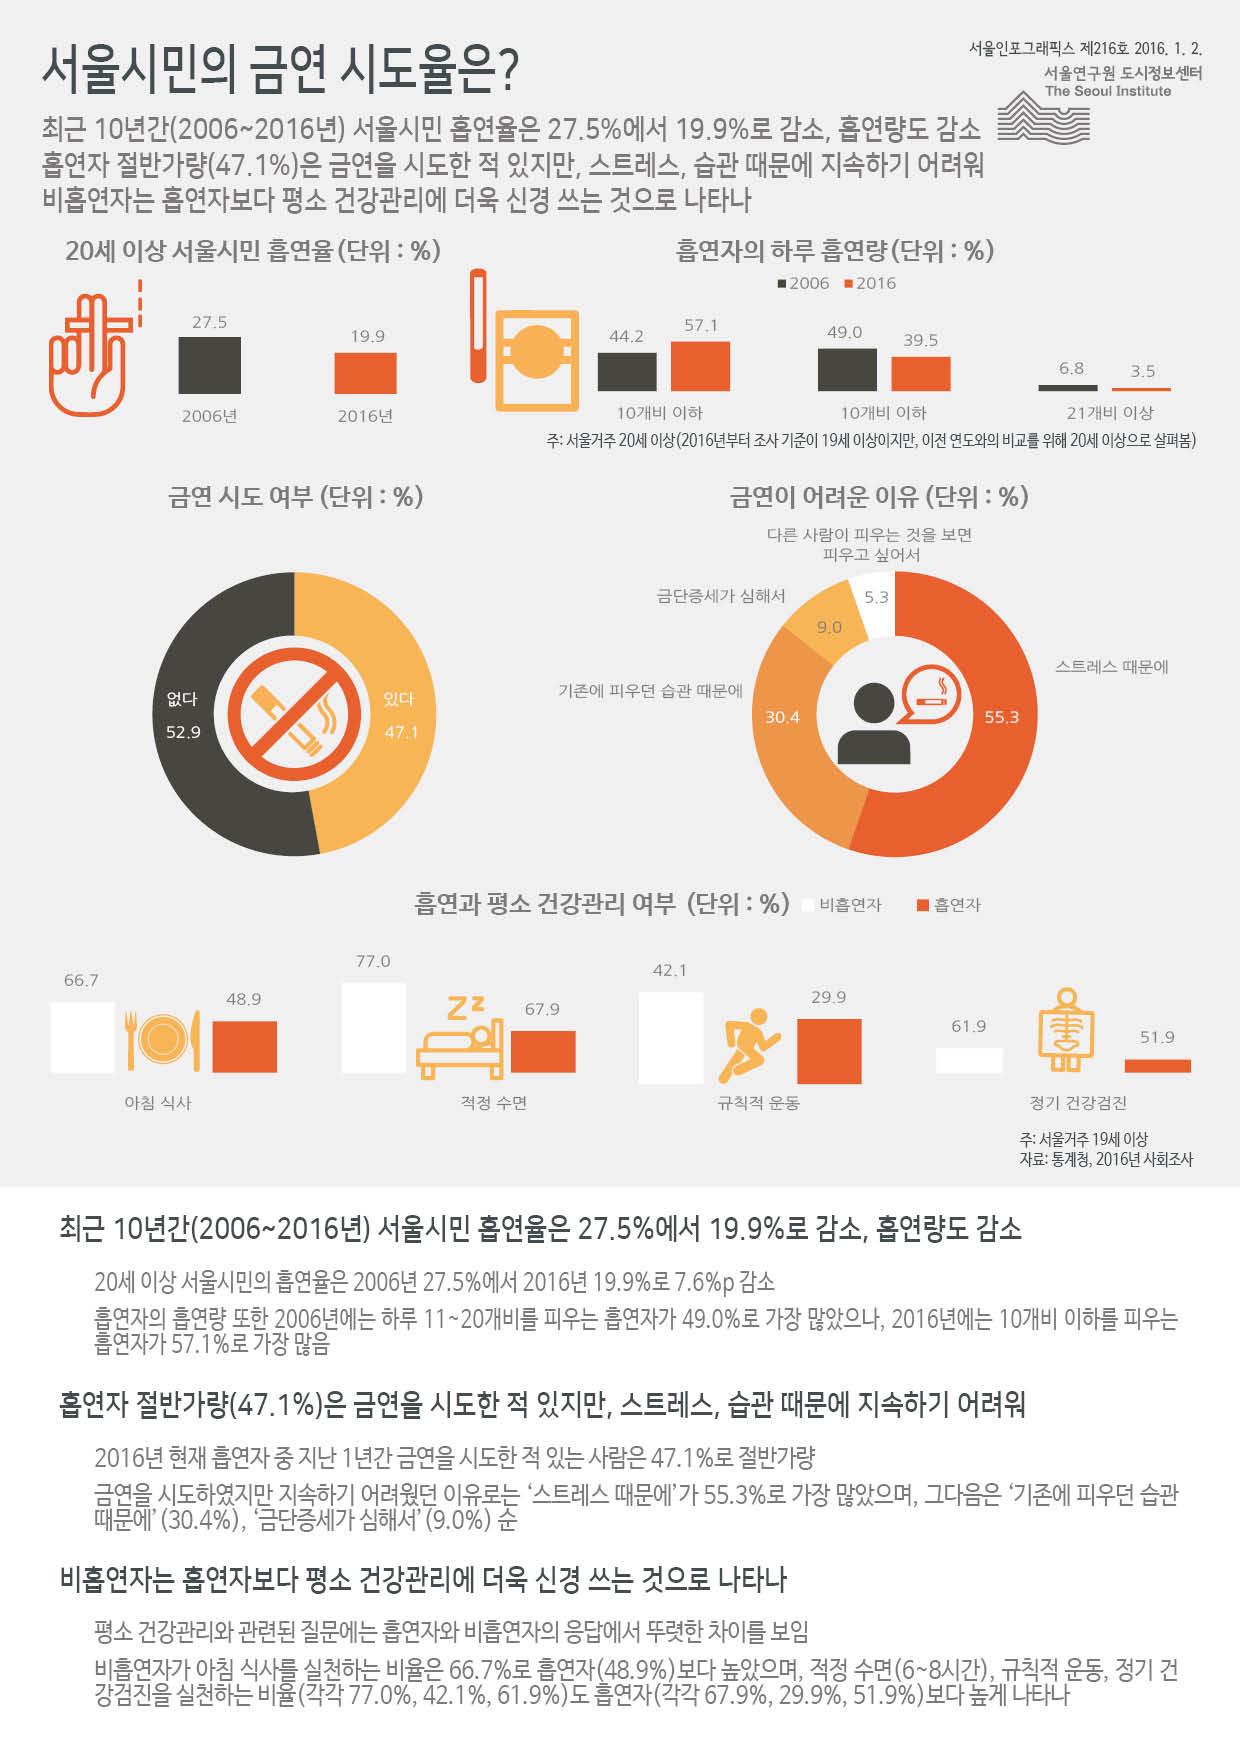 서울시민의 금연 시도율은? 서울인포그래픽스 제216호 2017년 1월 2일 최근 10년간(2006~2016년) 서울시민 흡연율은 27.5%에서 19.9%로 감소, 흡연량도 감소. 흡연자 절반가량(47.1%)은 금연을 시도한 적 있지만, 스트레스, 습관 때문에 지속하기 어려워함. 비흡연자는 흡연자보다 평소 건강관리에 더욱 신경 쓰는 것으로 나타남으로 정리될 수 있습니다. 인포그래픽으로 제공되는 그래픽은 하단에 표로 자세히 제공됩니다.